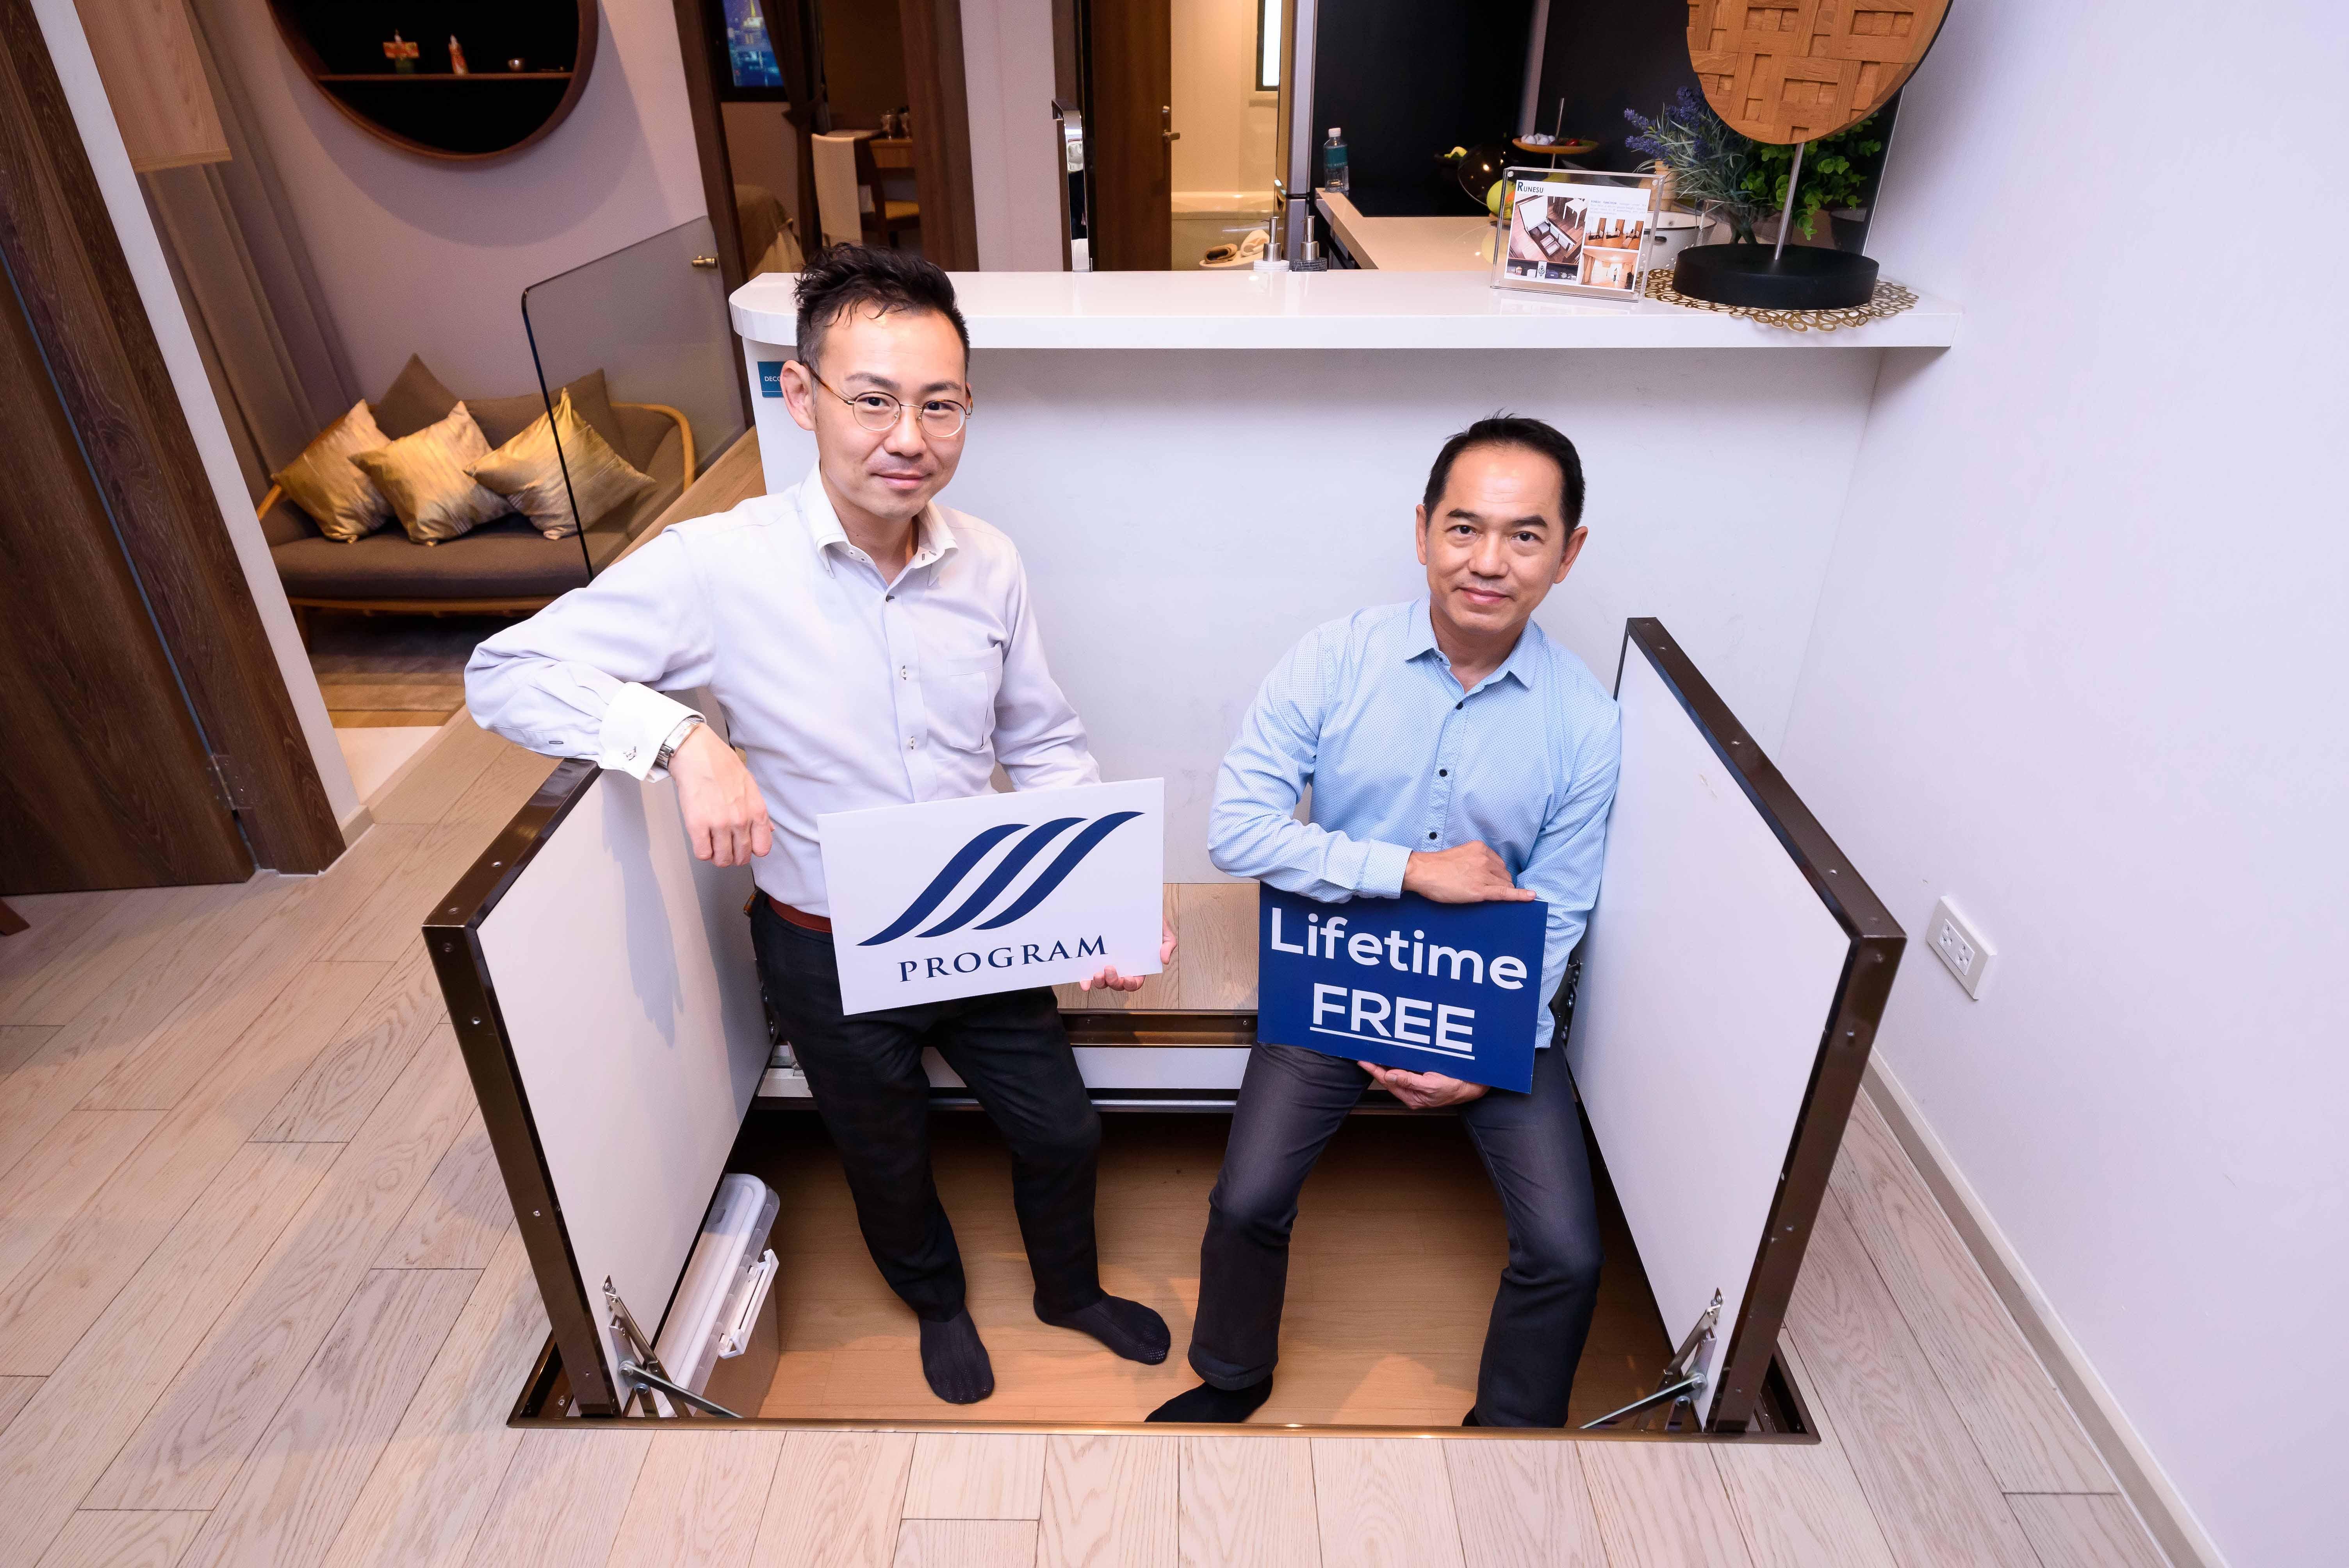 ชินวะชู SSS Program บริหารงานหลังงานขายประสานนักลงทุนไทย ต่างชาติ - ผู้เช่าชาวญี่ปุ่นแบบ Life Time FREE ถึง: